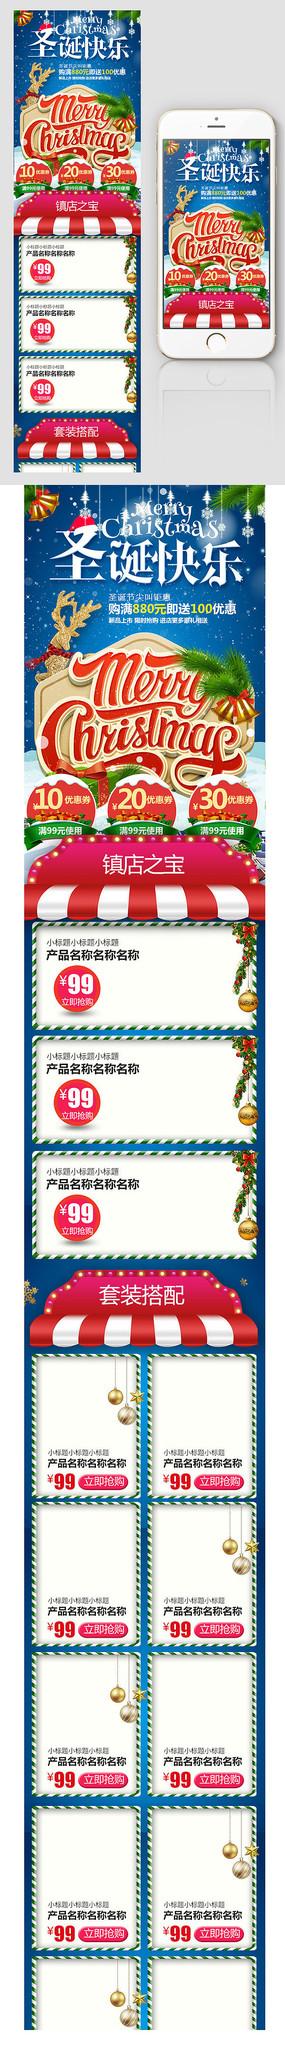 温馨圣诞节手机端首页模板